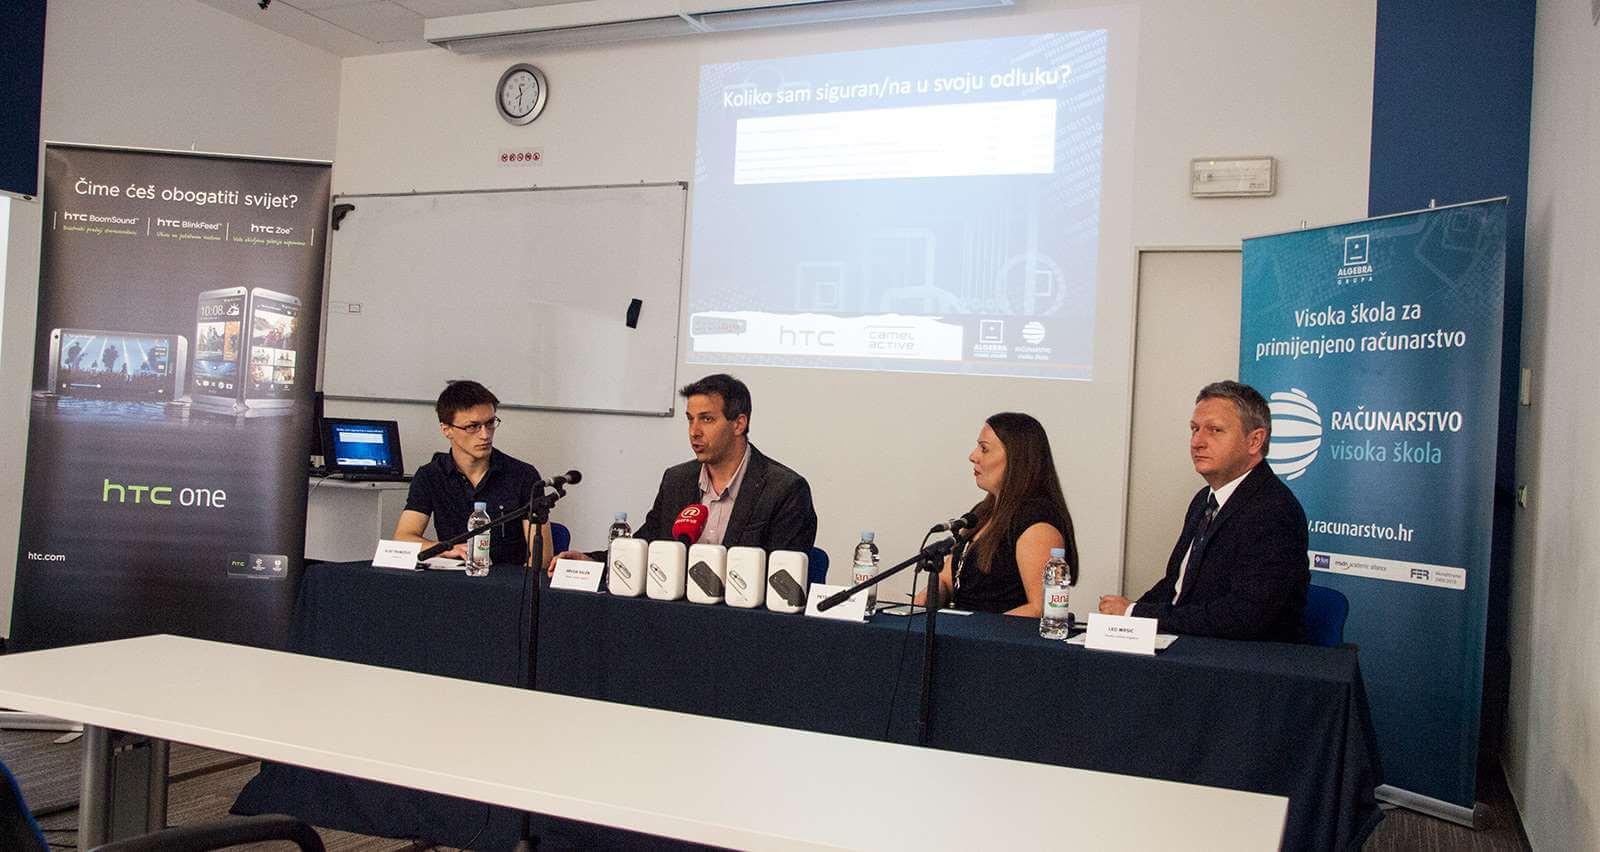 Veliko istraživanje Srednja.hr portala: Ovo su mišljenja mladih o obrazovanju u Hrvatskoj